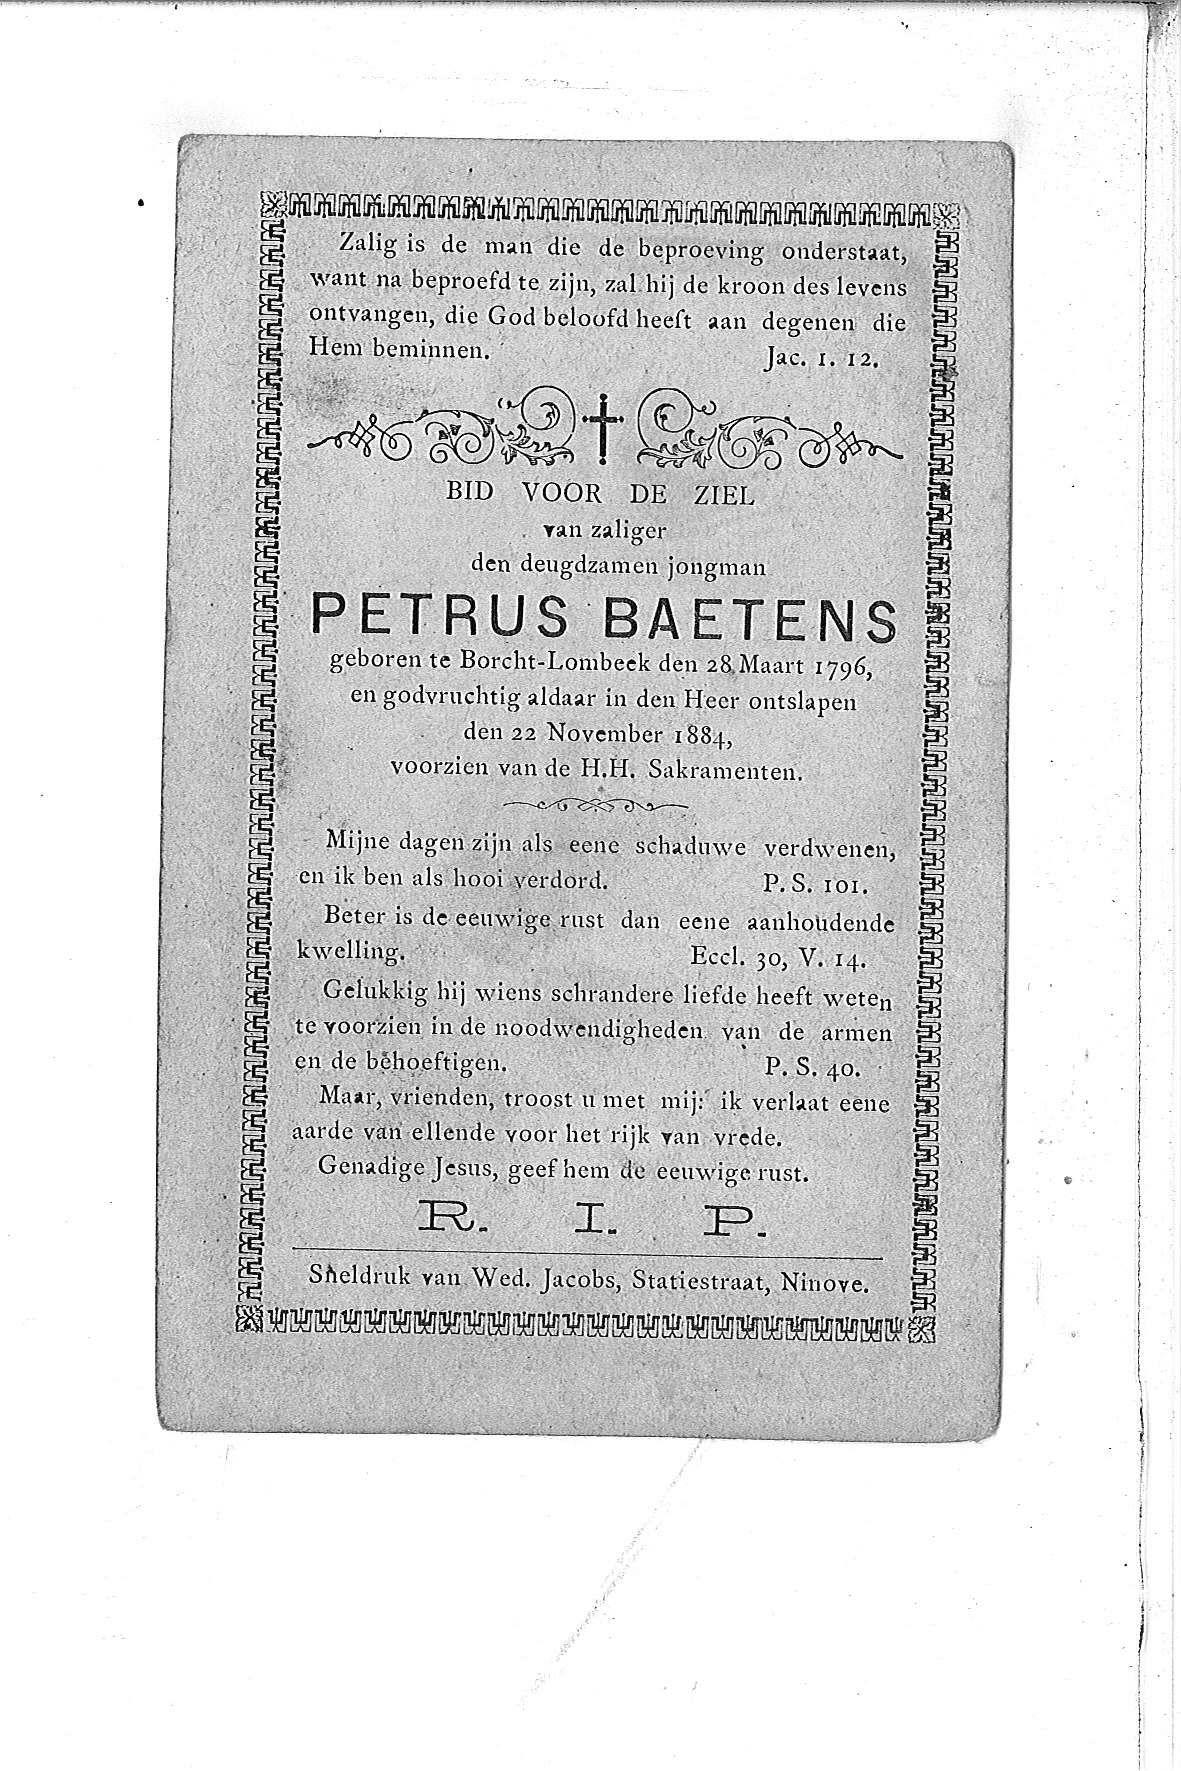 Petrus(1884)20101004094730_00002.jpg